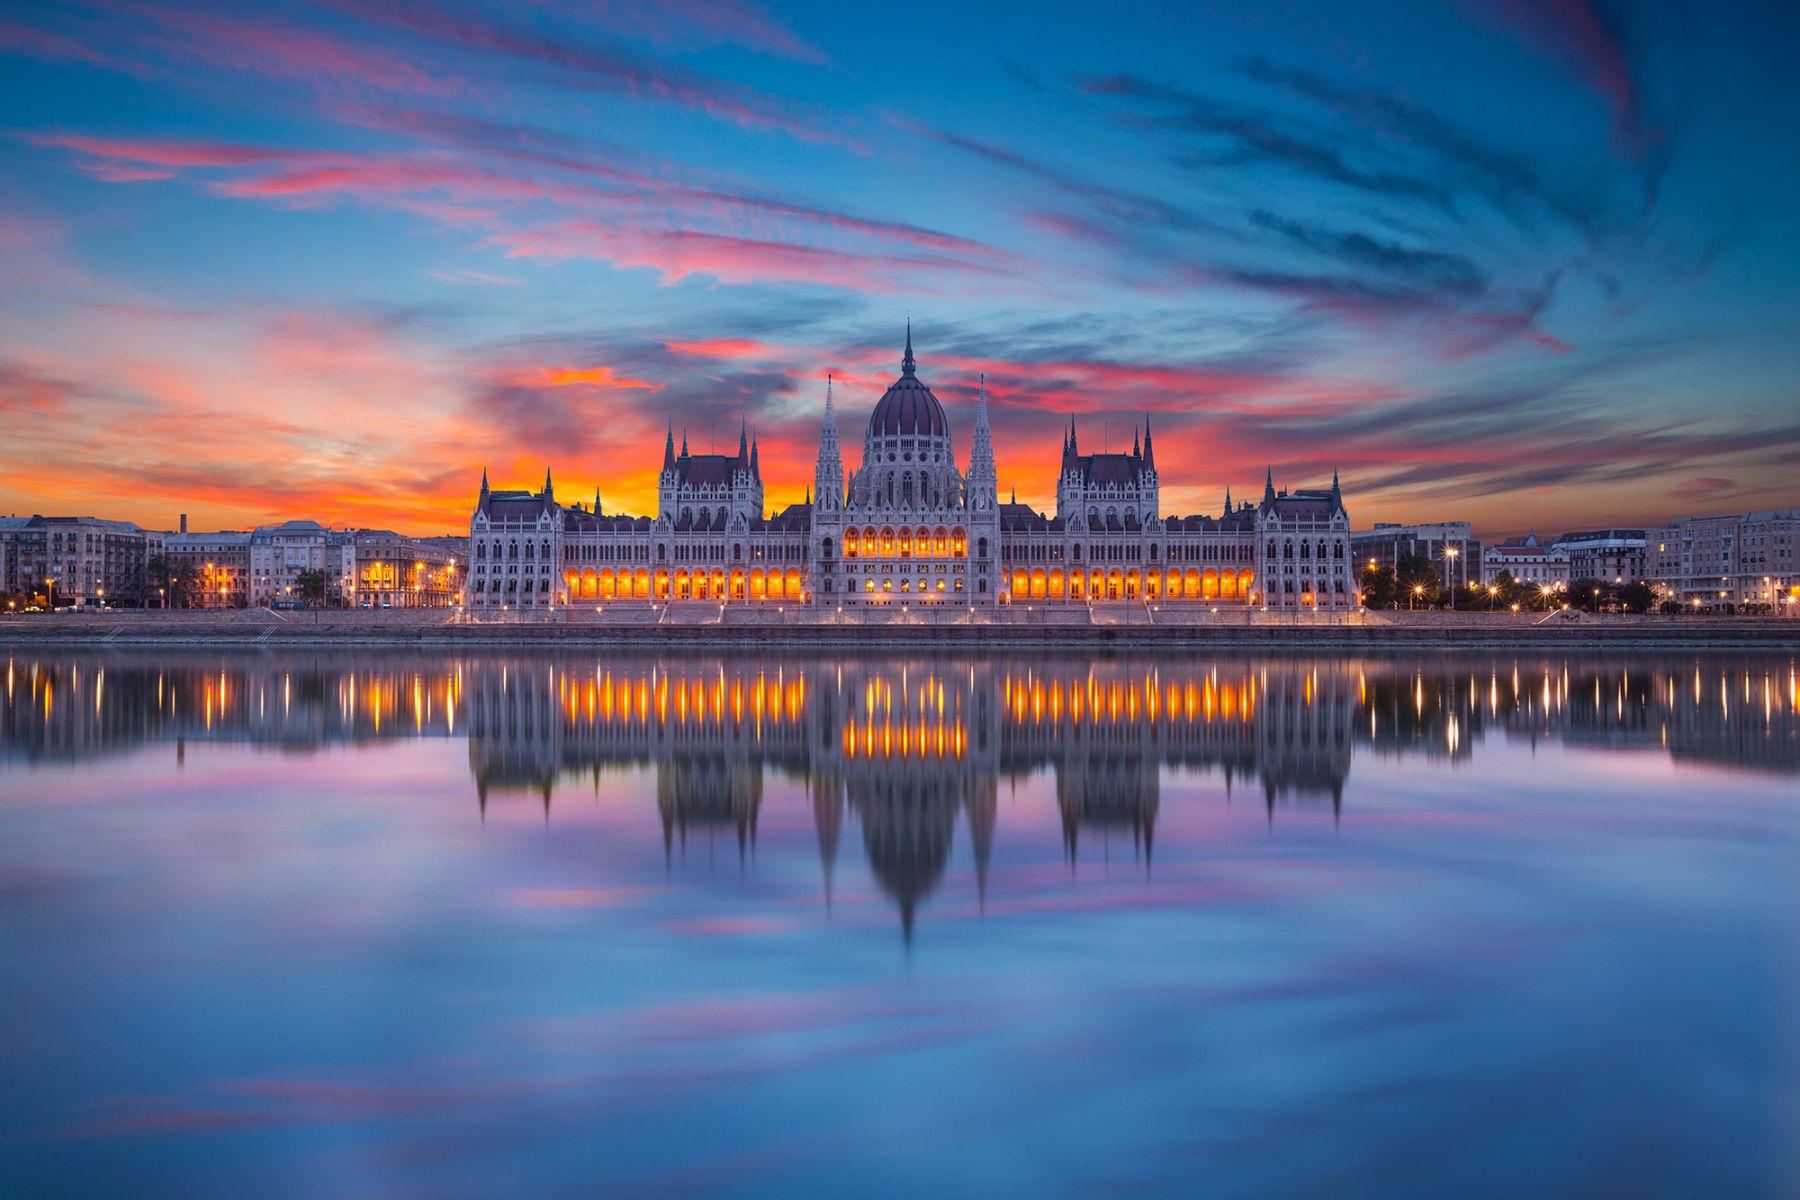 Het verlichte parlementsgebouw aan de Donau | credit: focusstock (iStock)